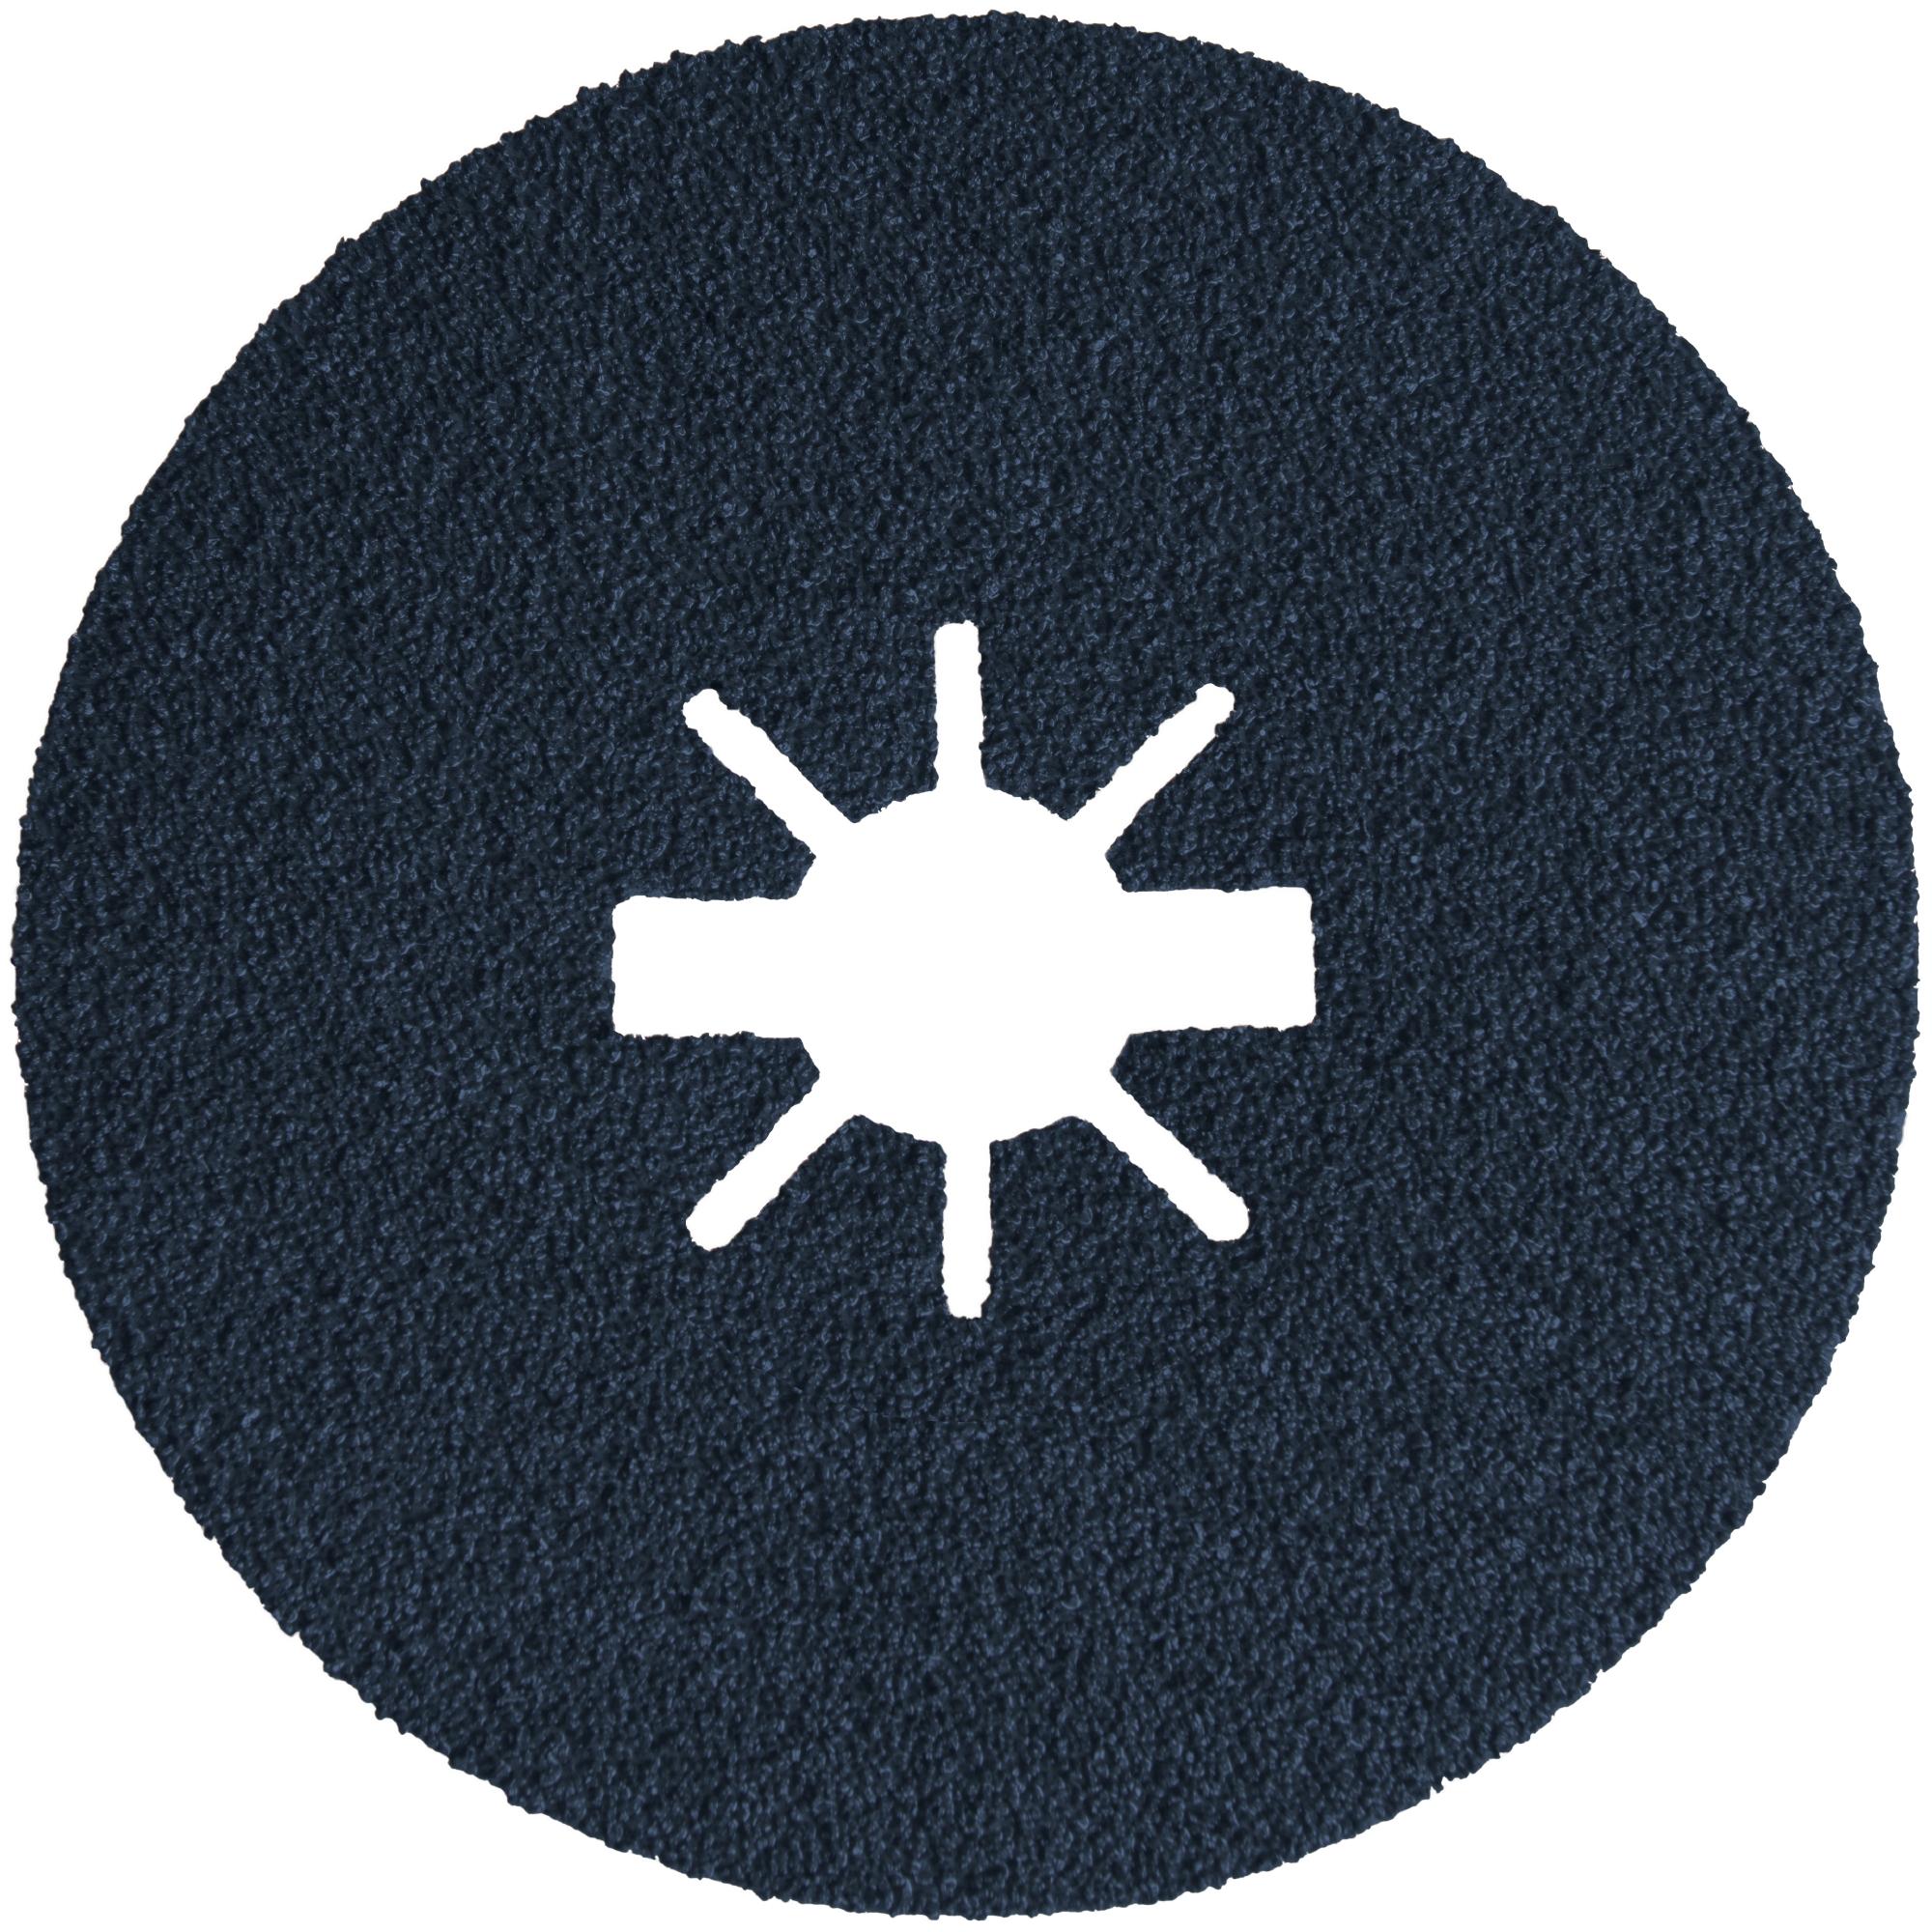 25 x Klingspor CS 565 Fiberscheiben | 115 x 22 mm | Korn 60 X-LOCK